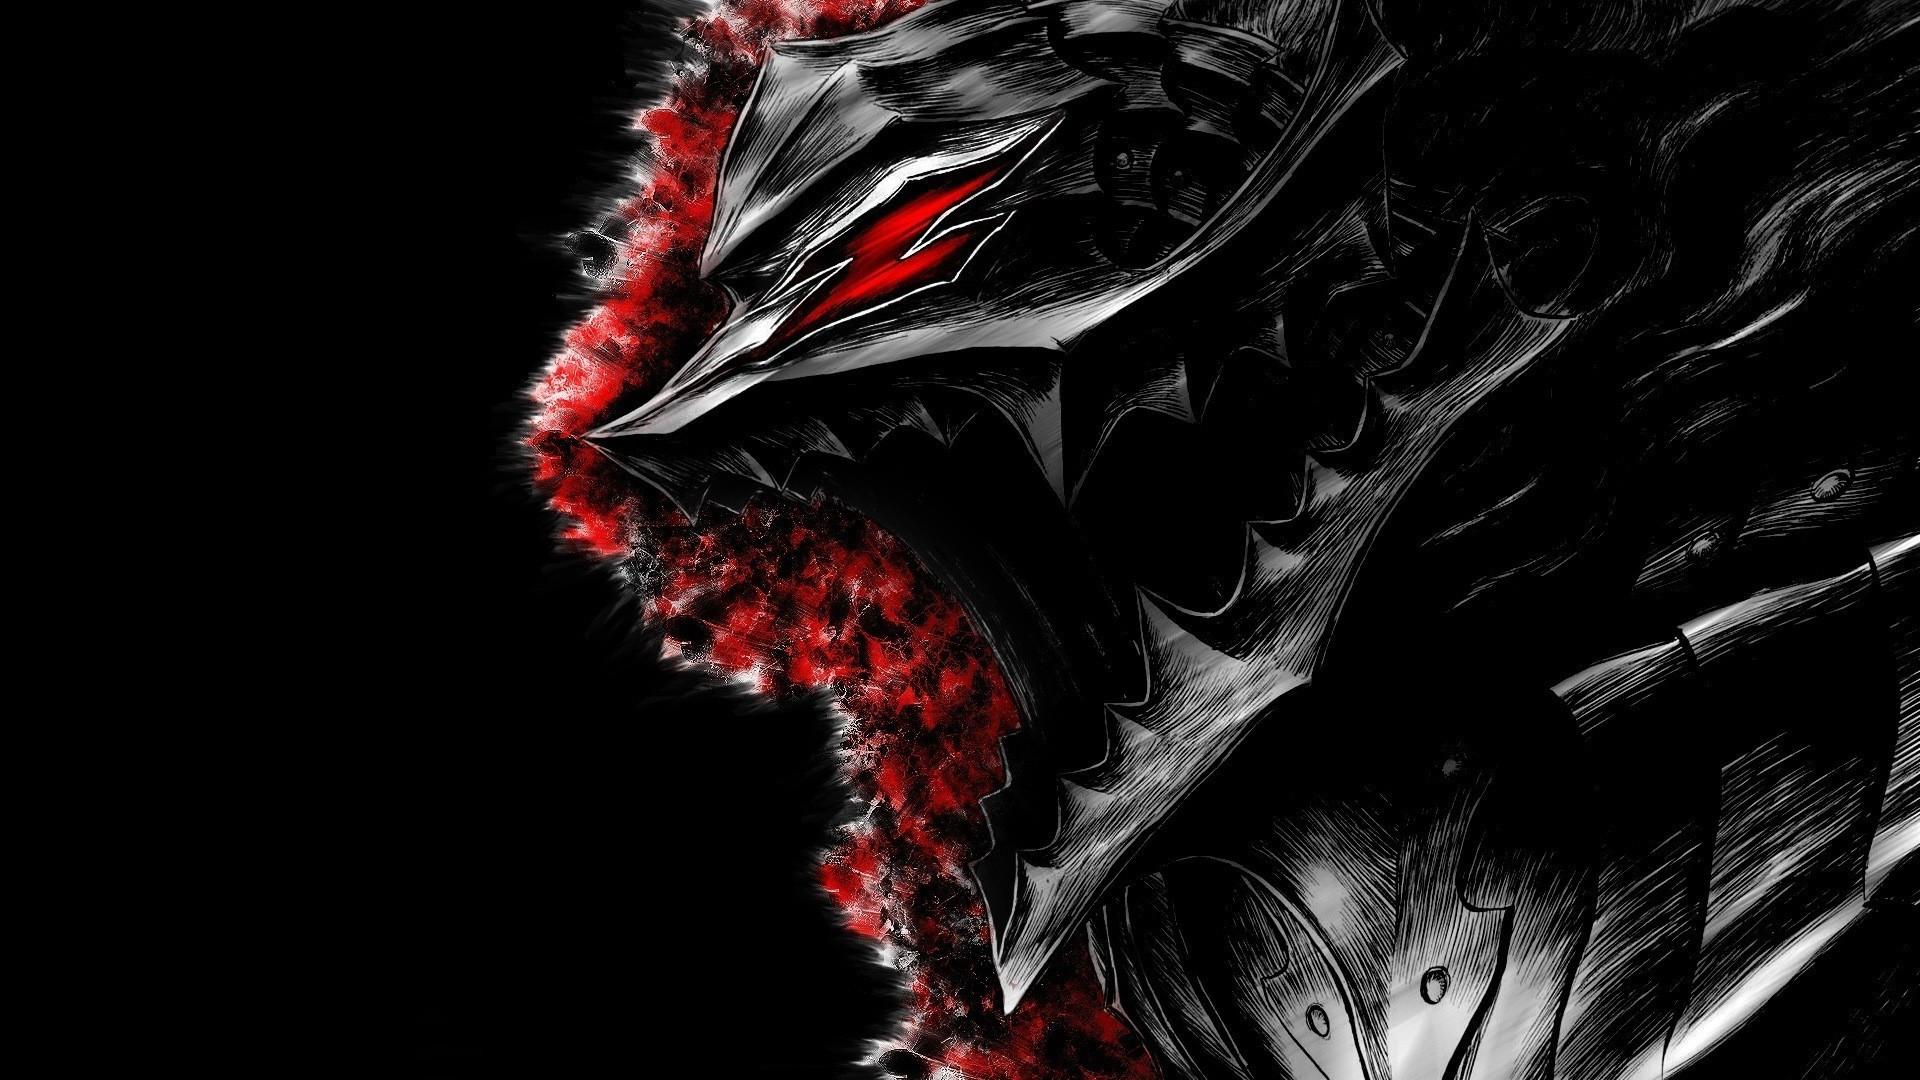 Berserk, Armor, Guts, Kentaro Miura Wallpapers HD / Desktop and Mobile  Backgrounds